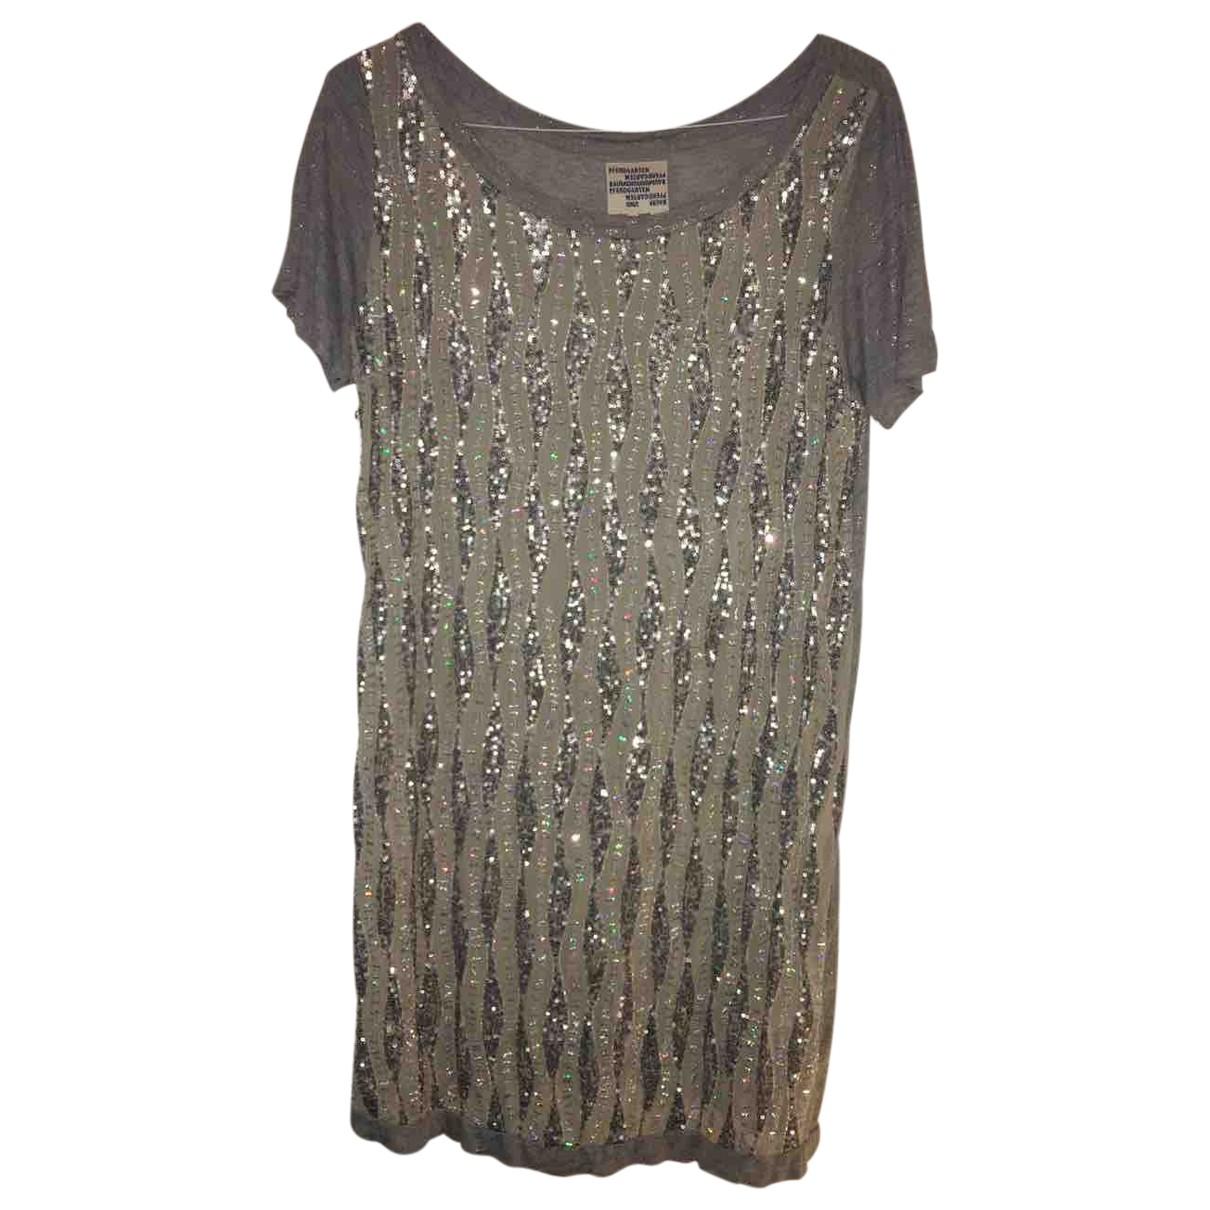 Baum Und Pferdgarten \N Grey dress for Women M International